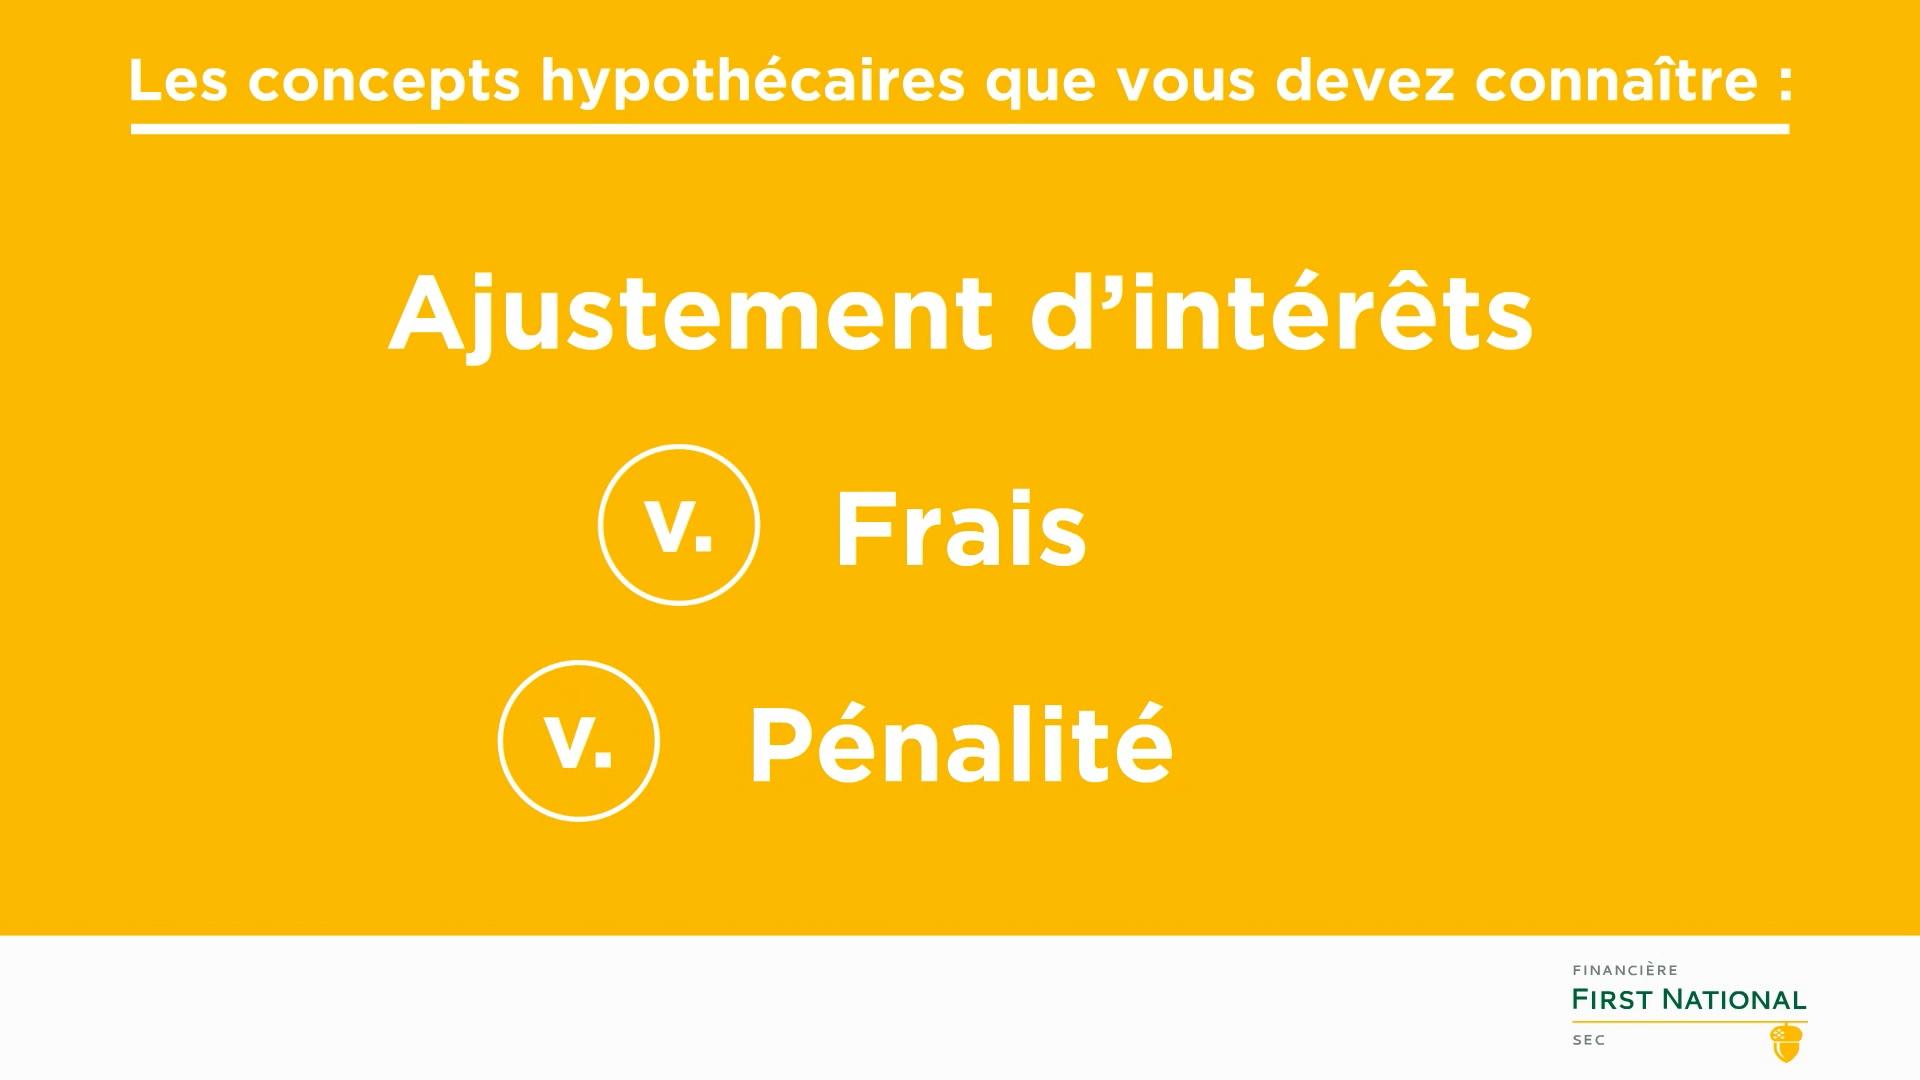 Interest Adjustment  vs Fee vs Penalty_FR